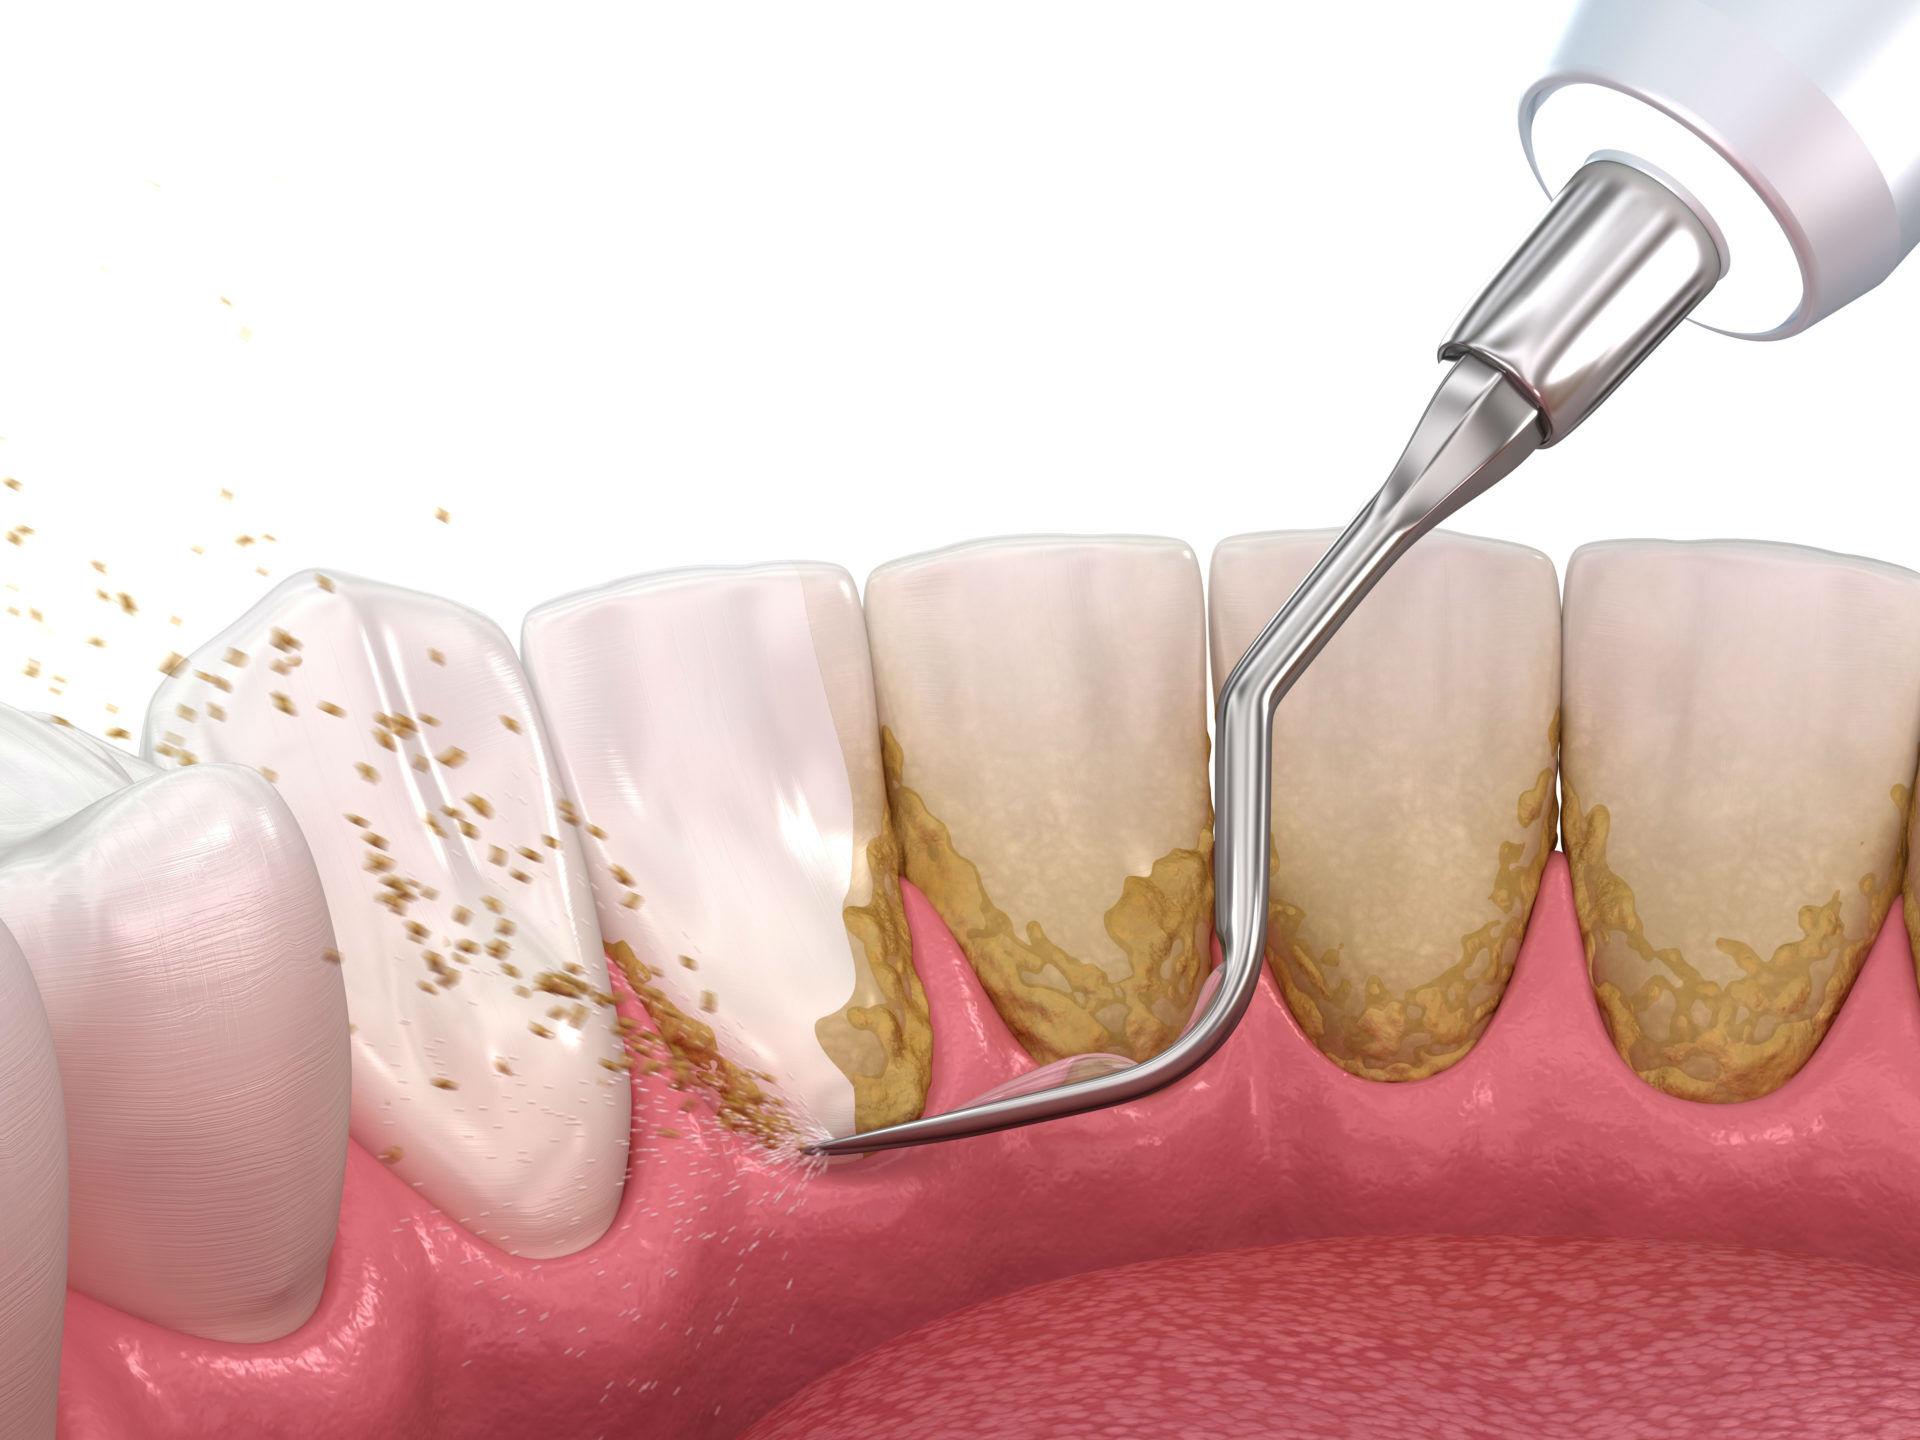 Удаление зубного камня в клинике Семейный стоматолог